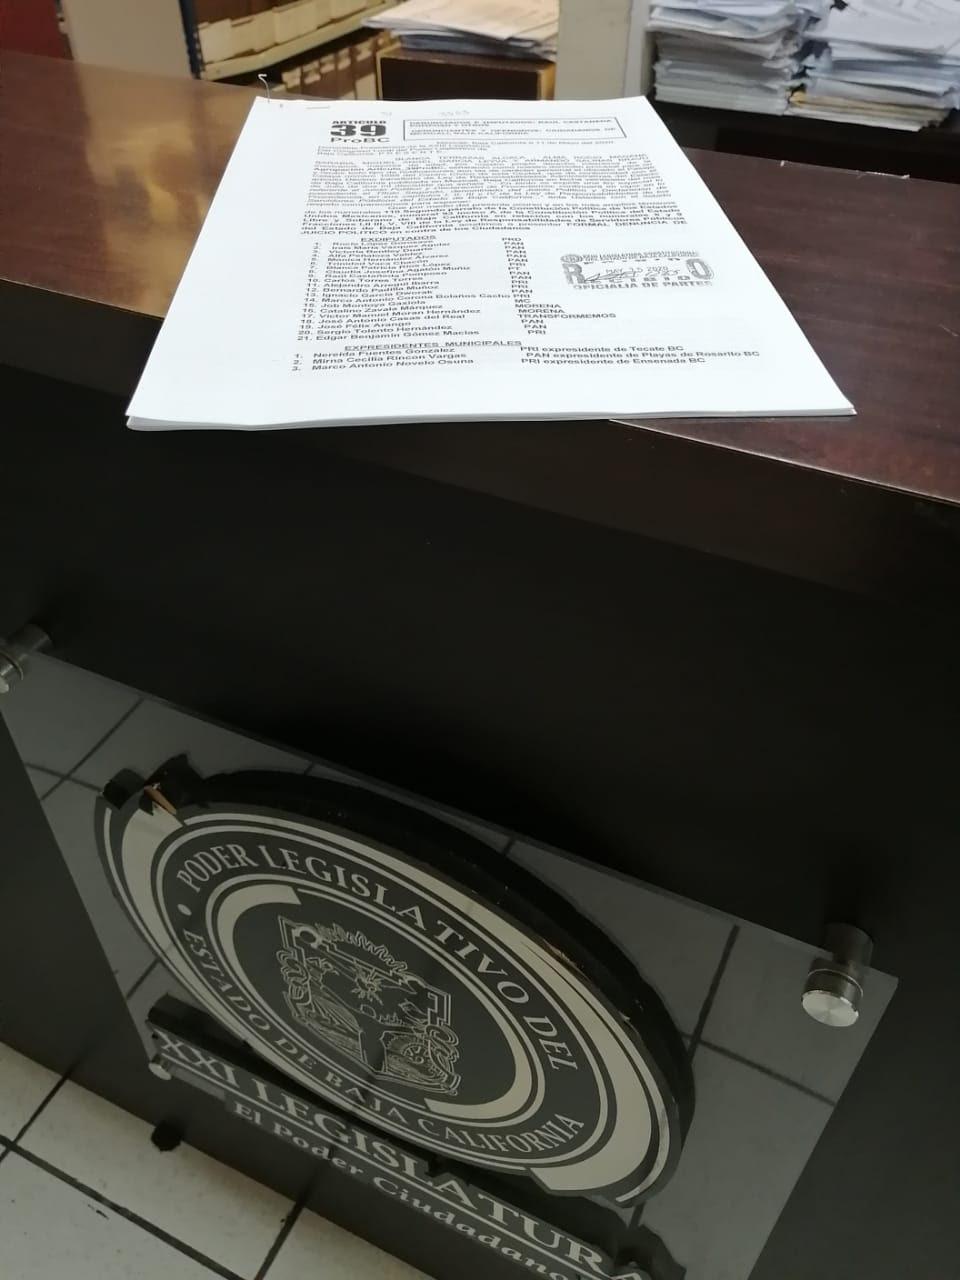 Demandan Juicio Político contra exdiputados y exalcaldes por aprobar la ampliación de mandato